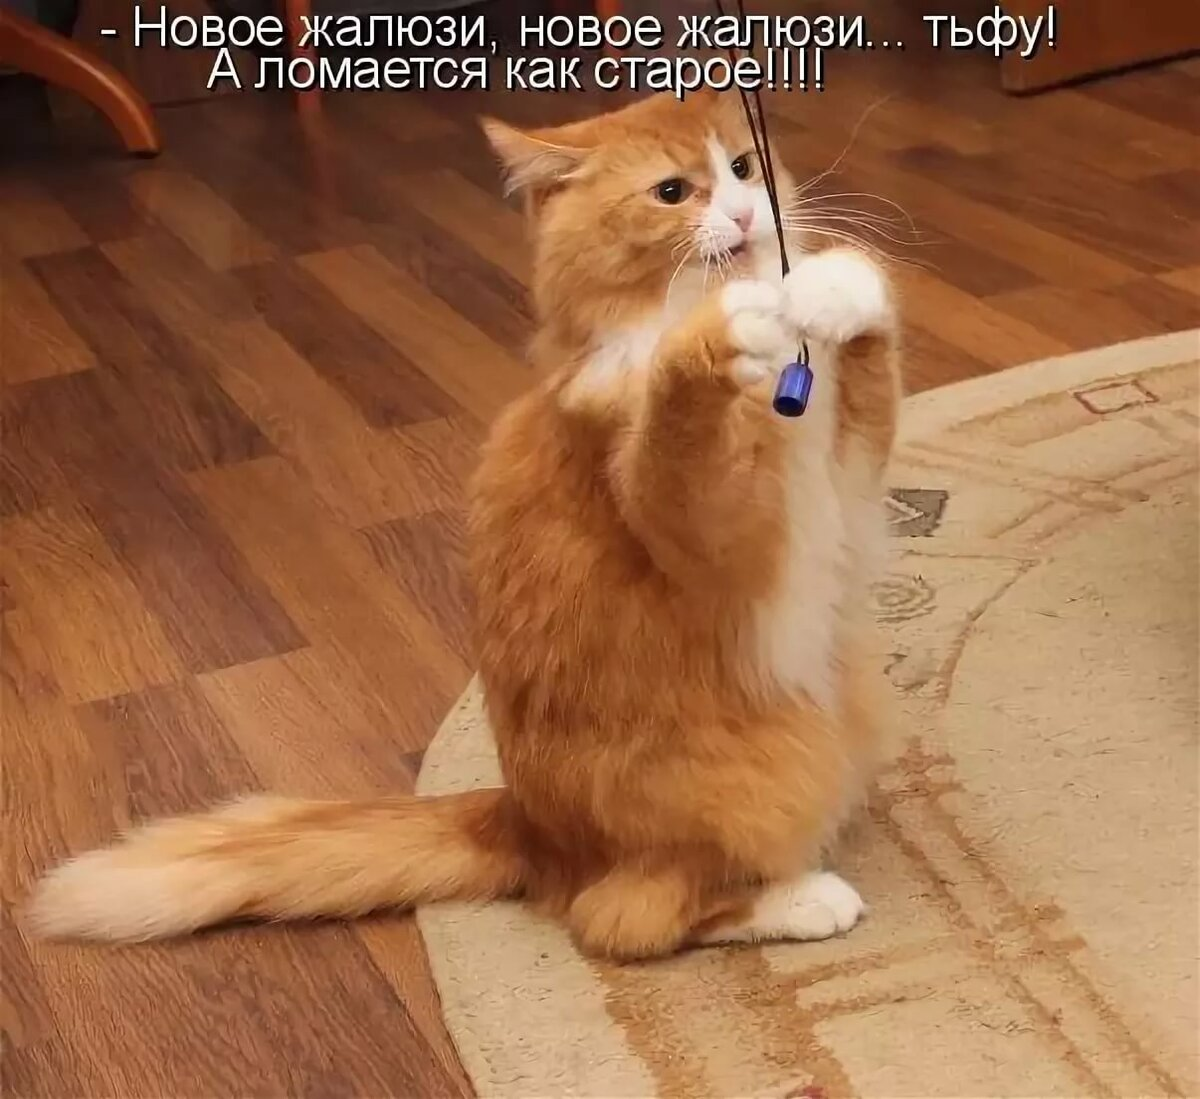 Смотреть картинки про котов со смешными надписями, сделать